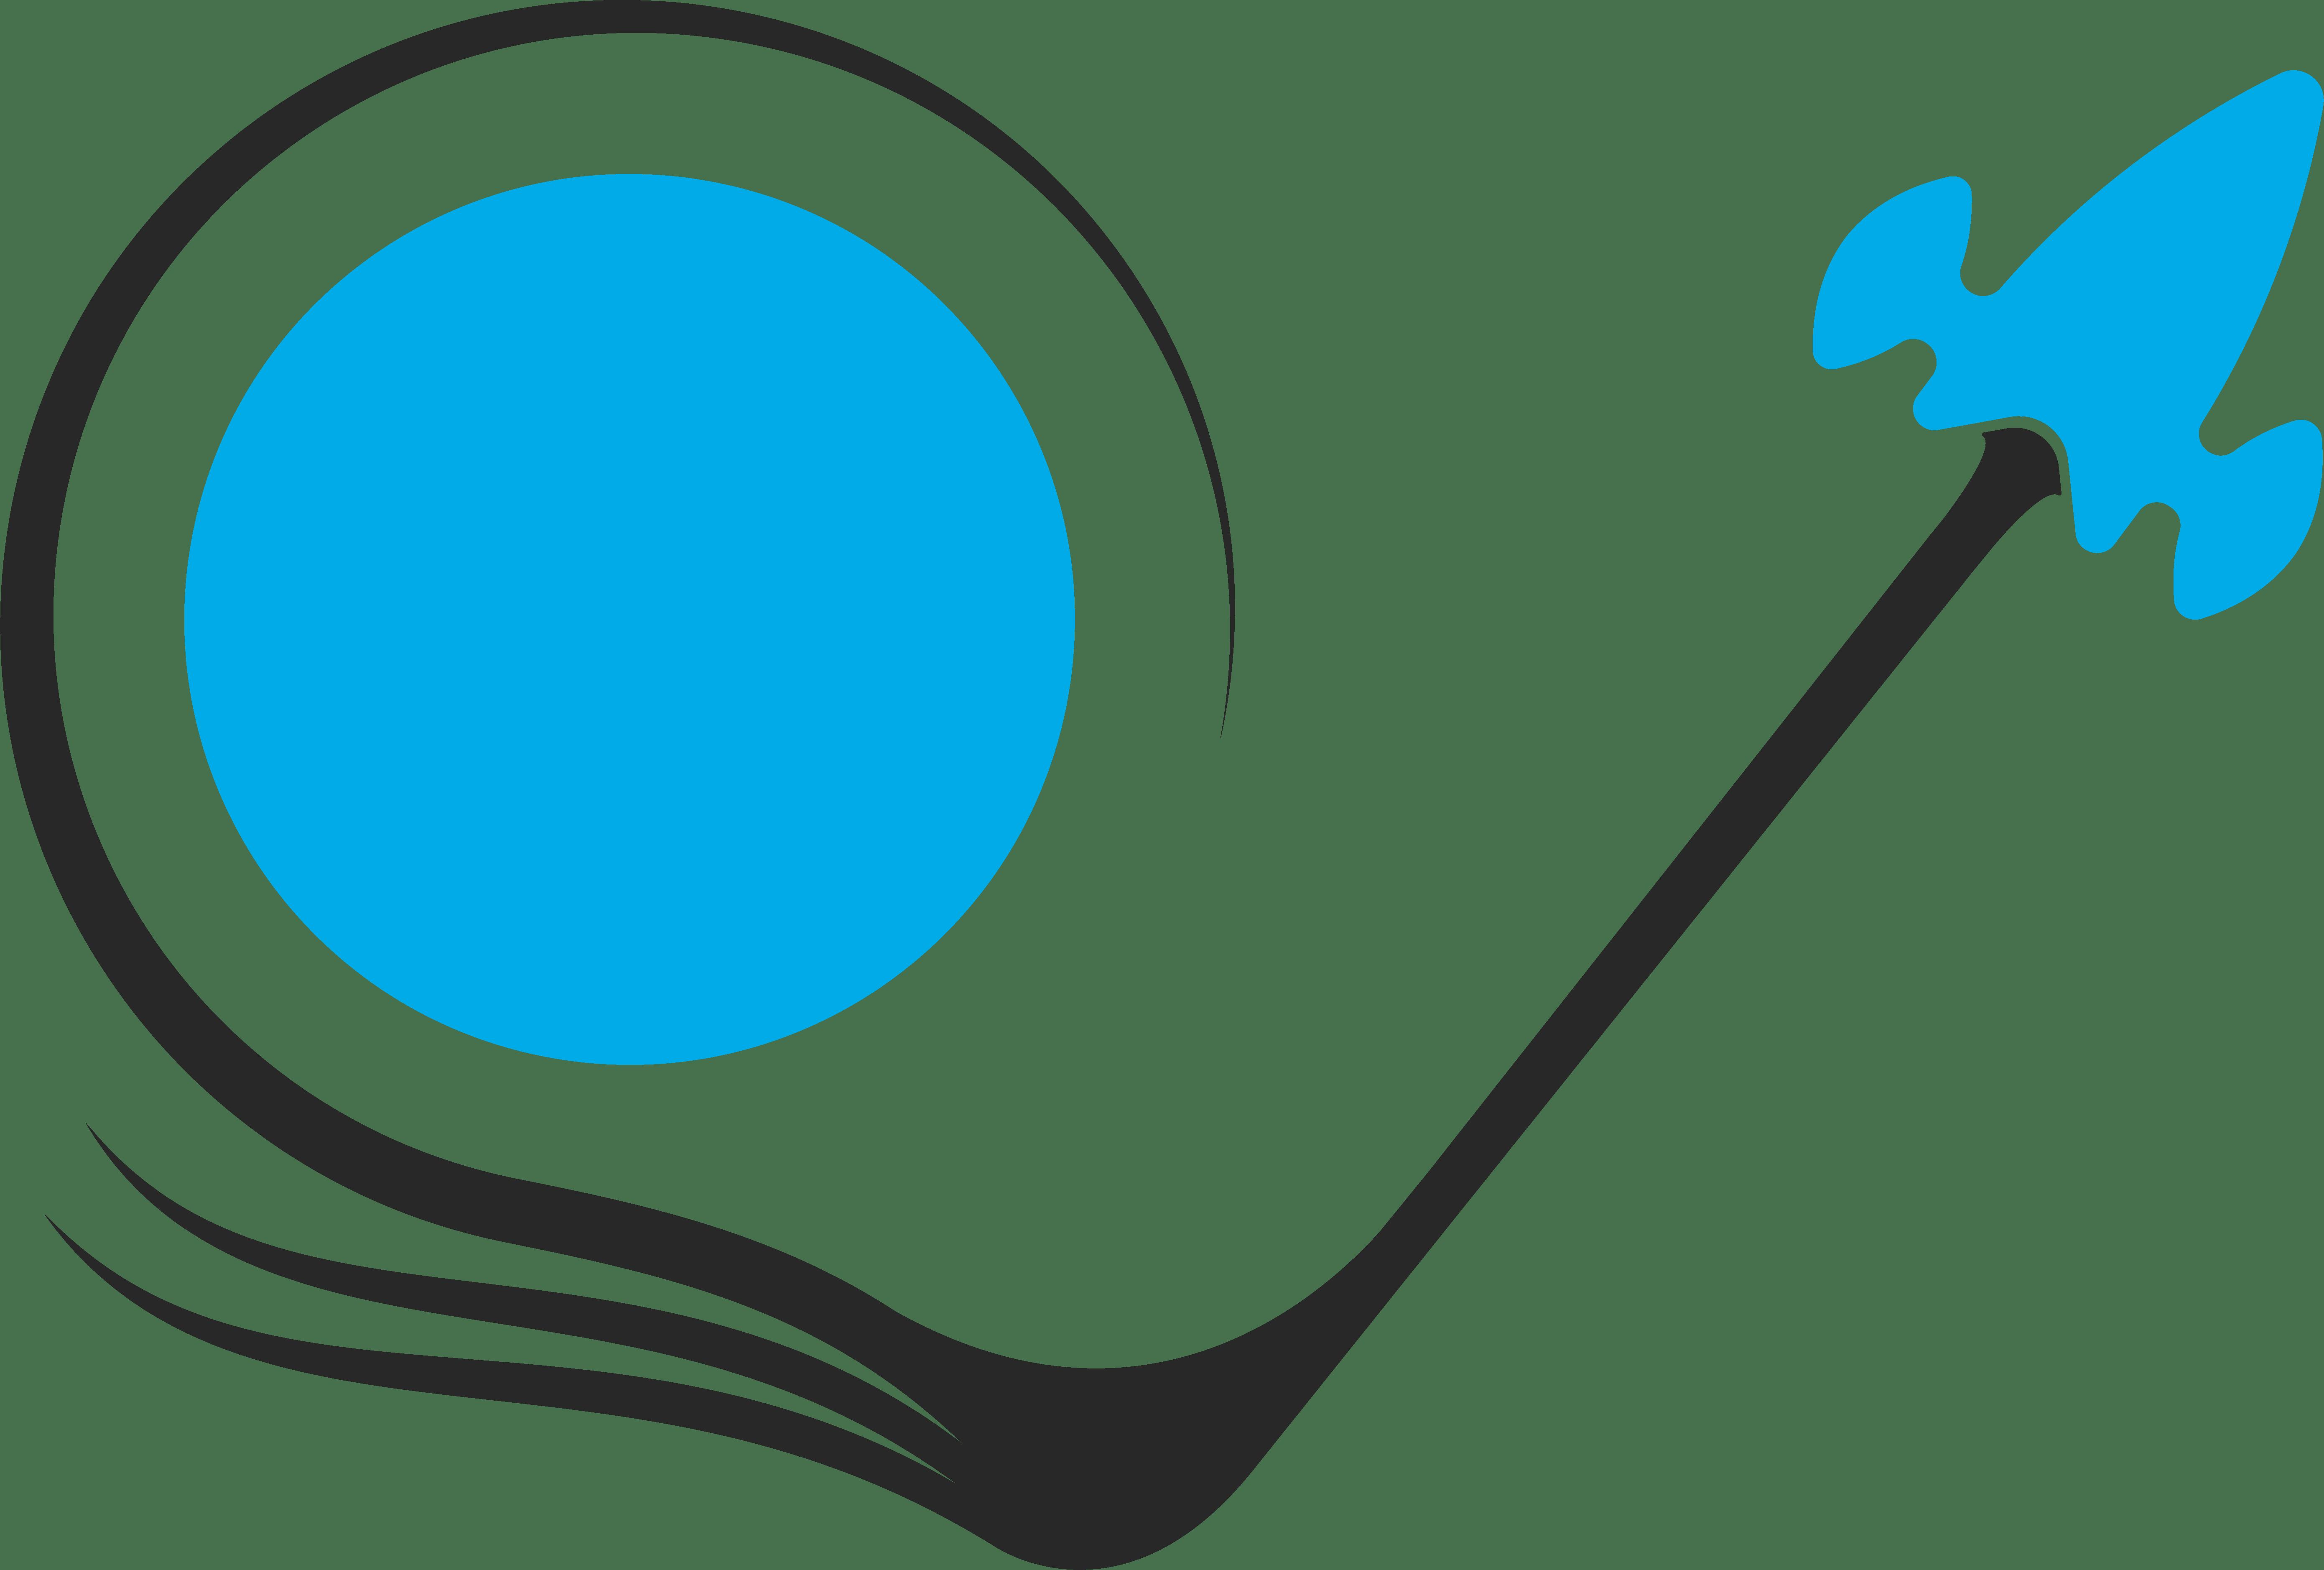 آژانس دیجیتال مارکتینگ فرین | فرین ایجنسی